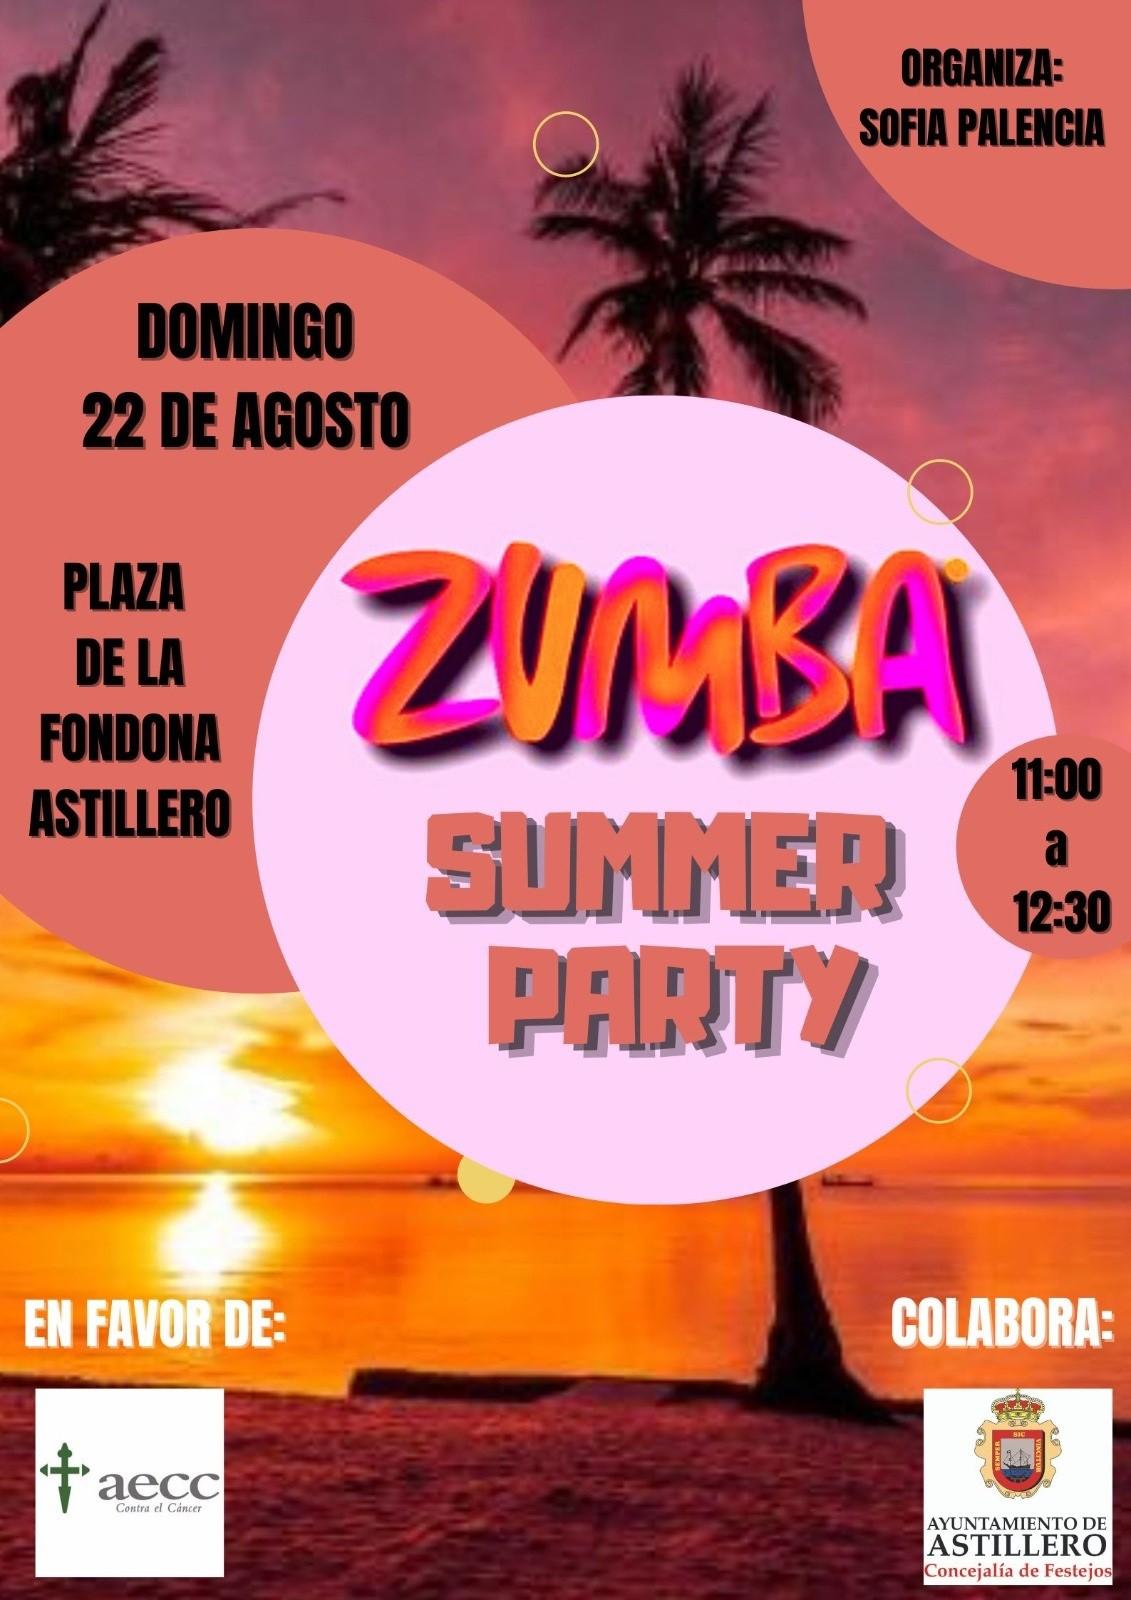 Astillero celebra mañana una 'Zumba Summer Party' en favor de la Asociación Española contra el Cáncer